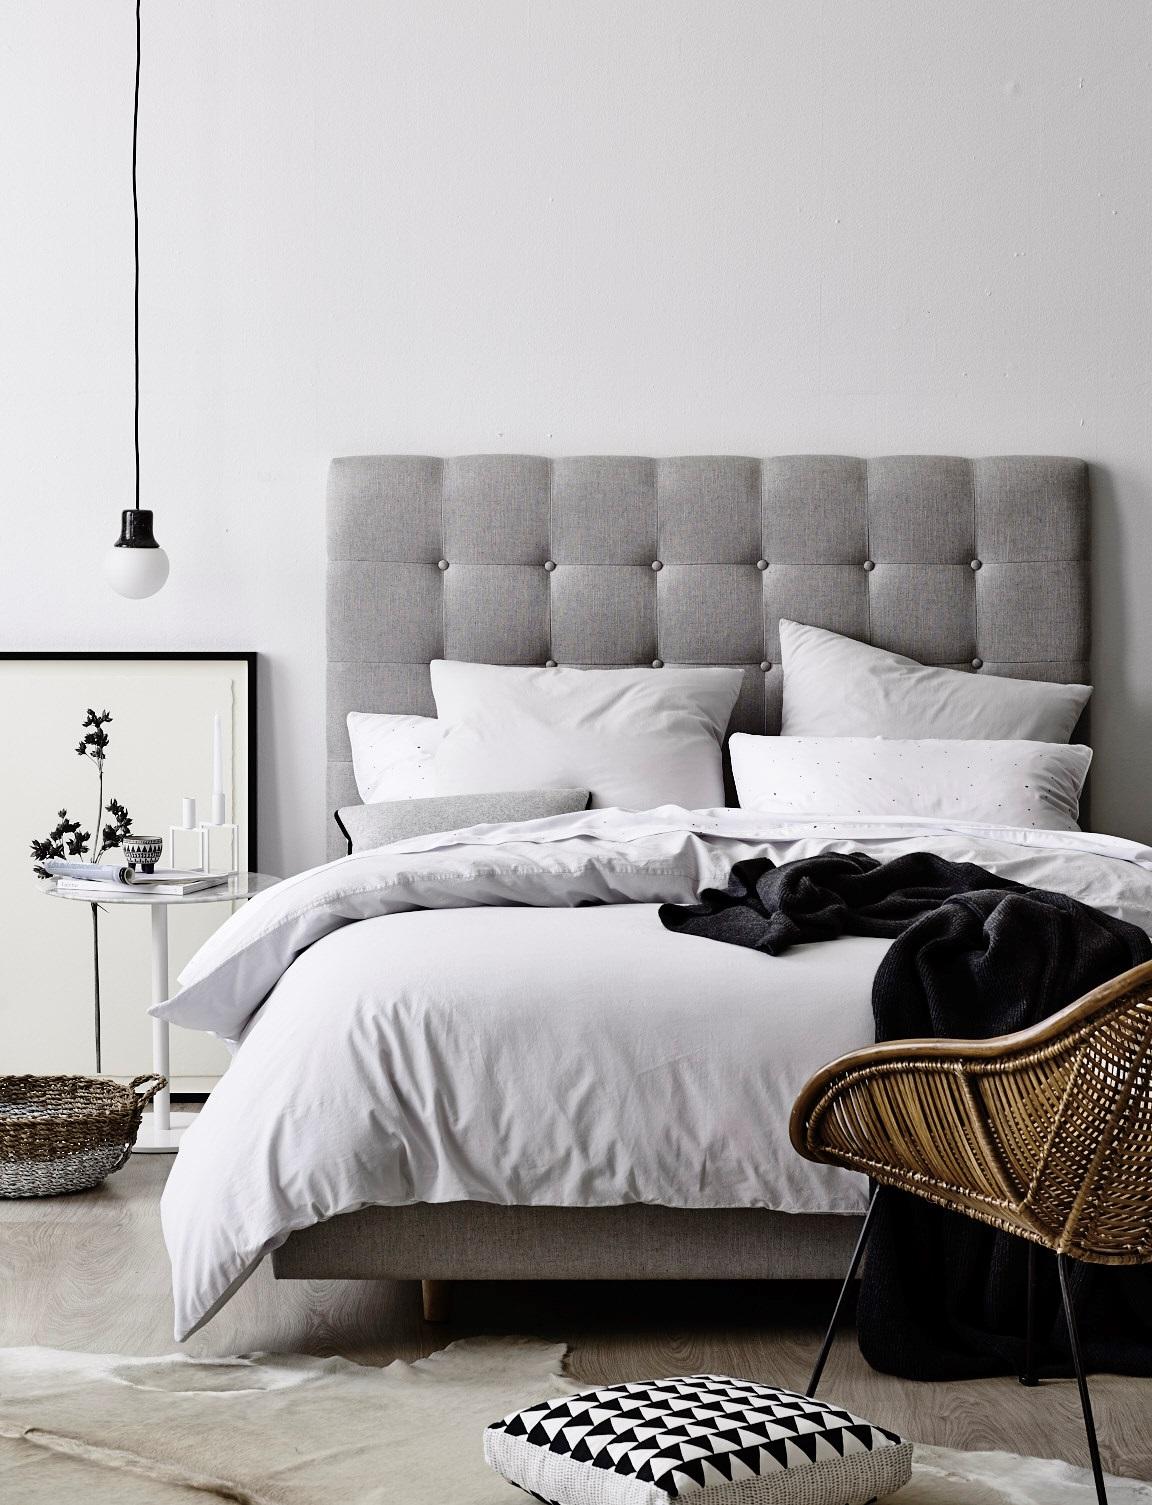 Minimal Bedrooms (Again) - Homey Oh My on Neutral Minimalist Bedroom Ideas  id=44414